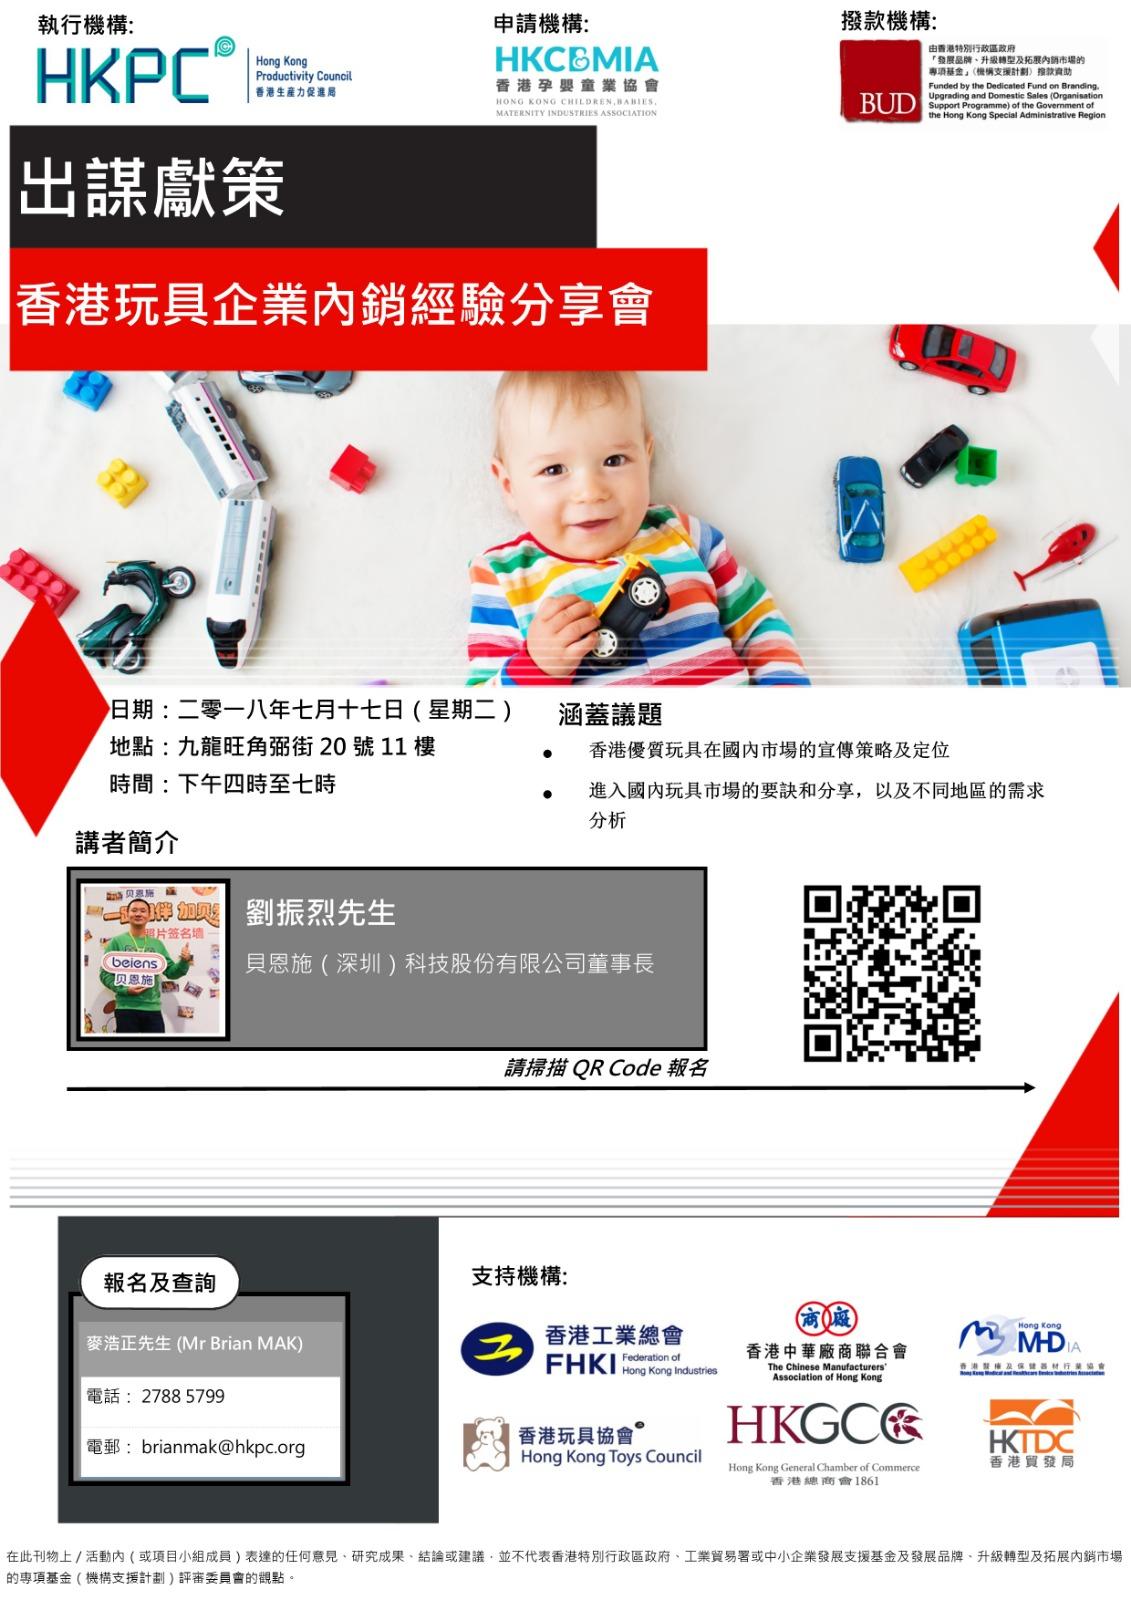 出謀獻策 – 香港玩具企業內銷經驗分享會